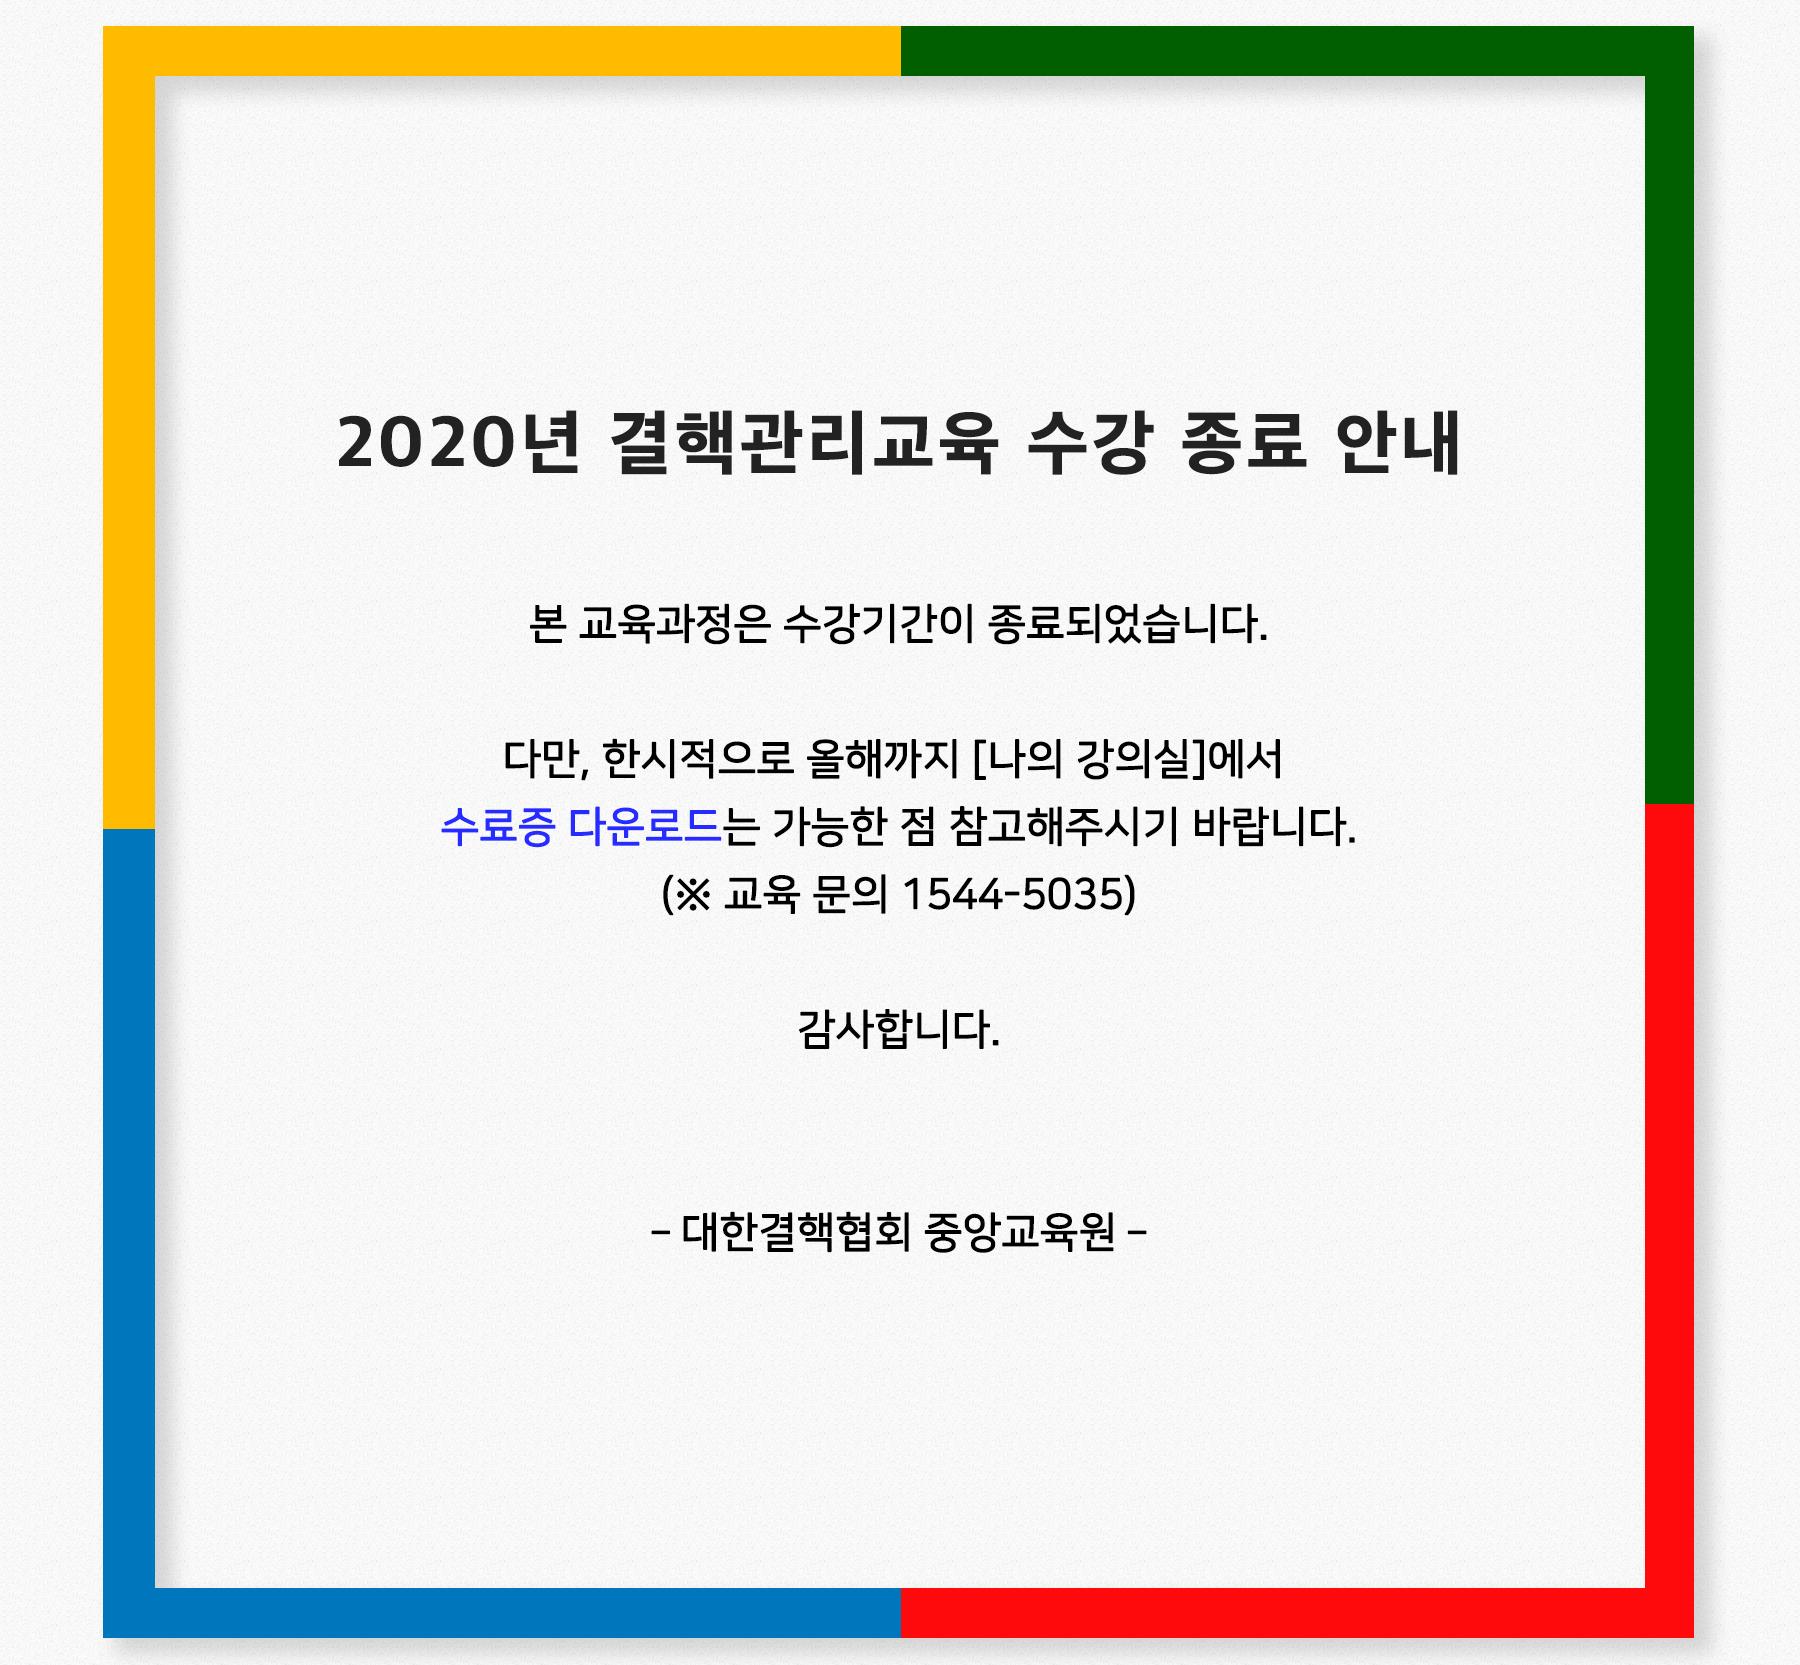 2020년 결핵관리교육 팝업